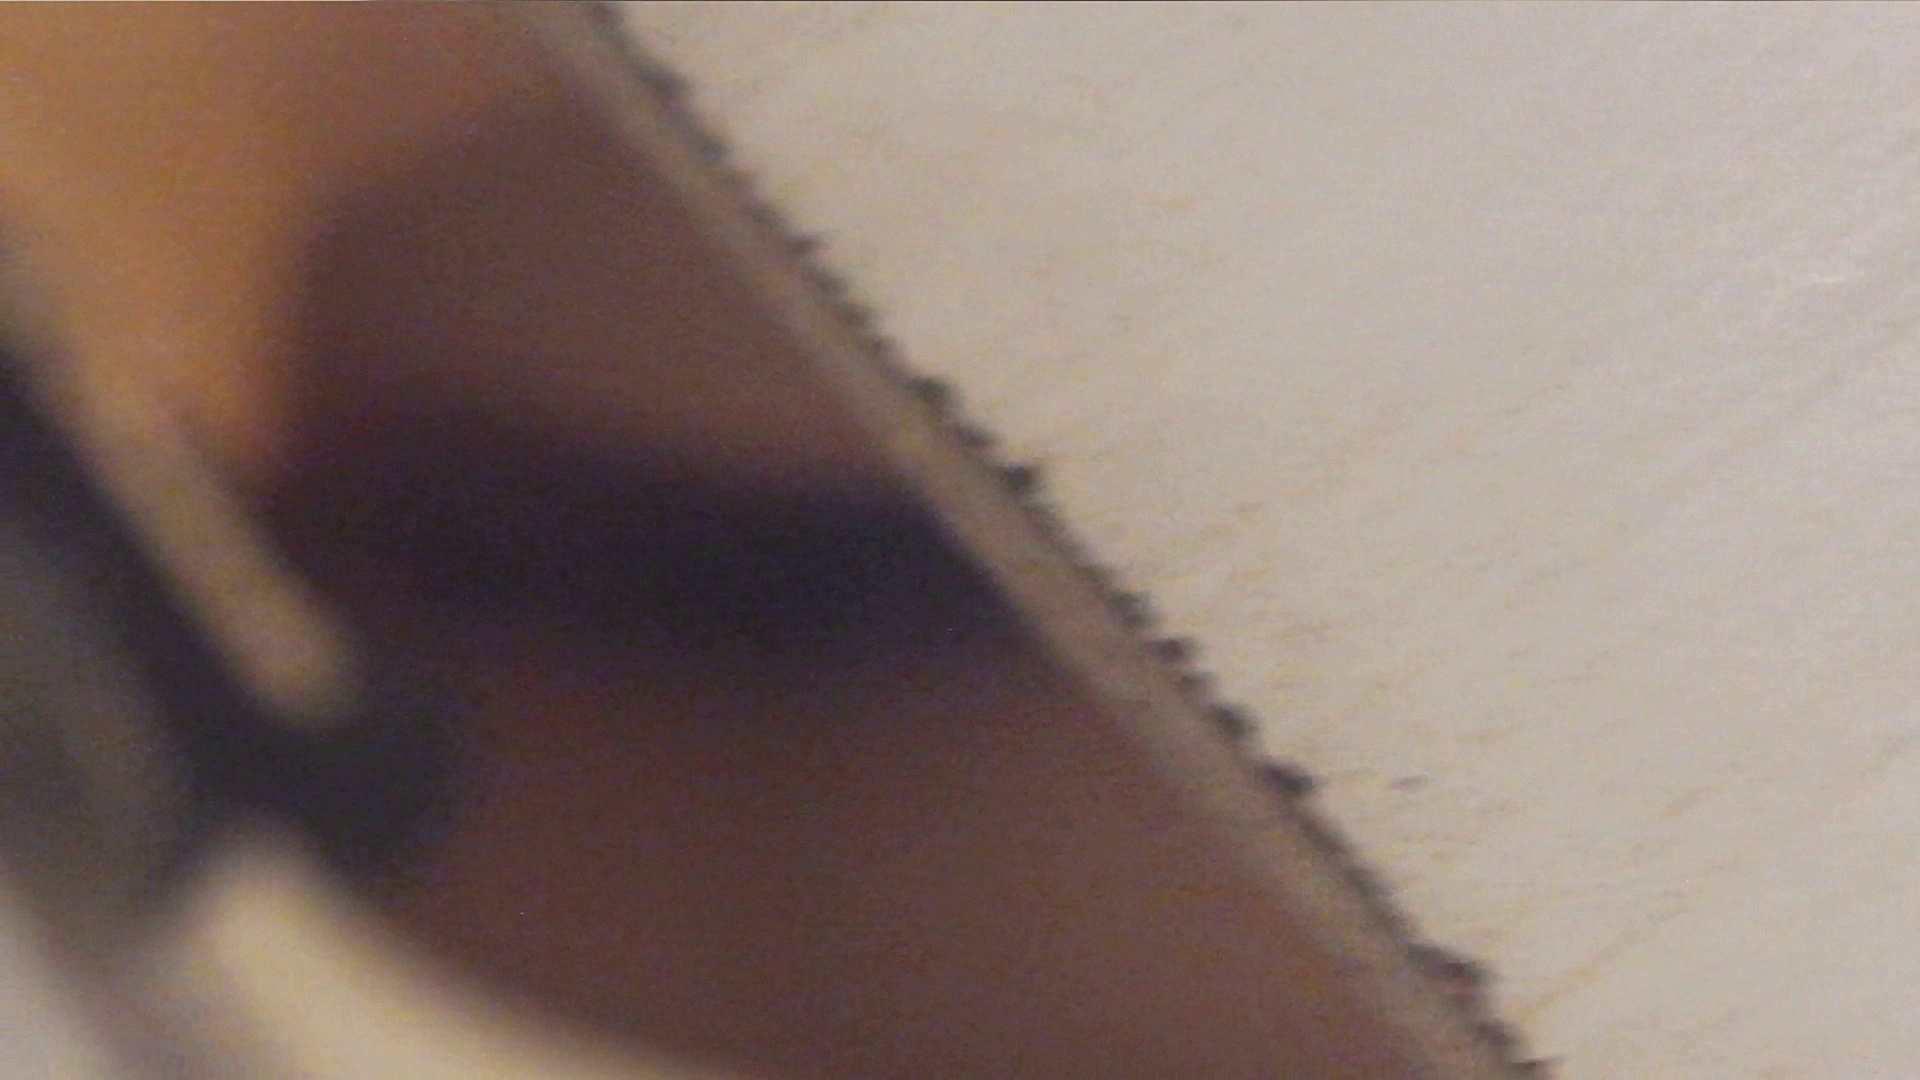 阿国ちゃんの「和式洋式七変化」No.6 洗面所 | 和式  81PIX 45